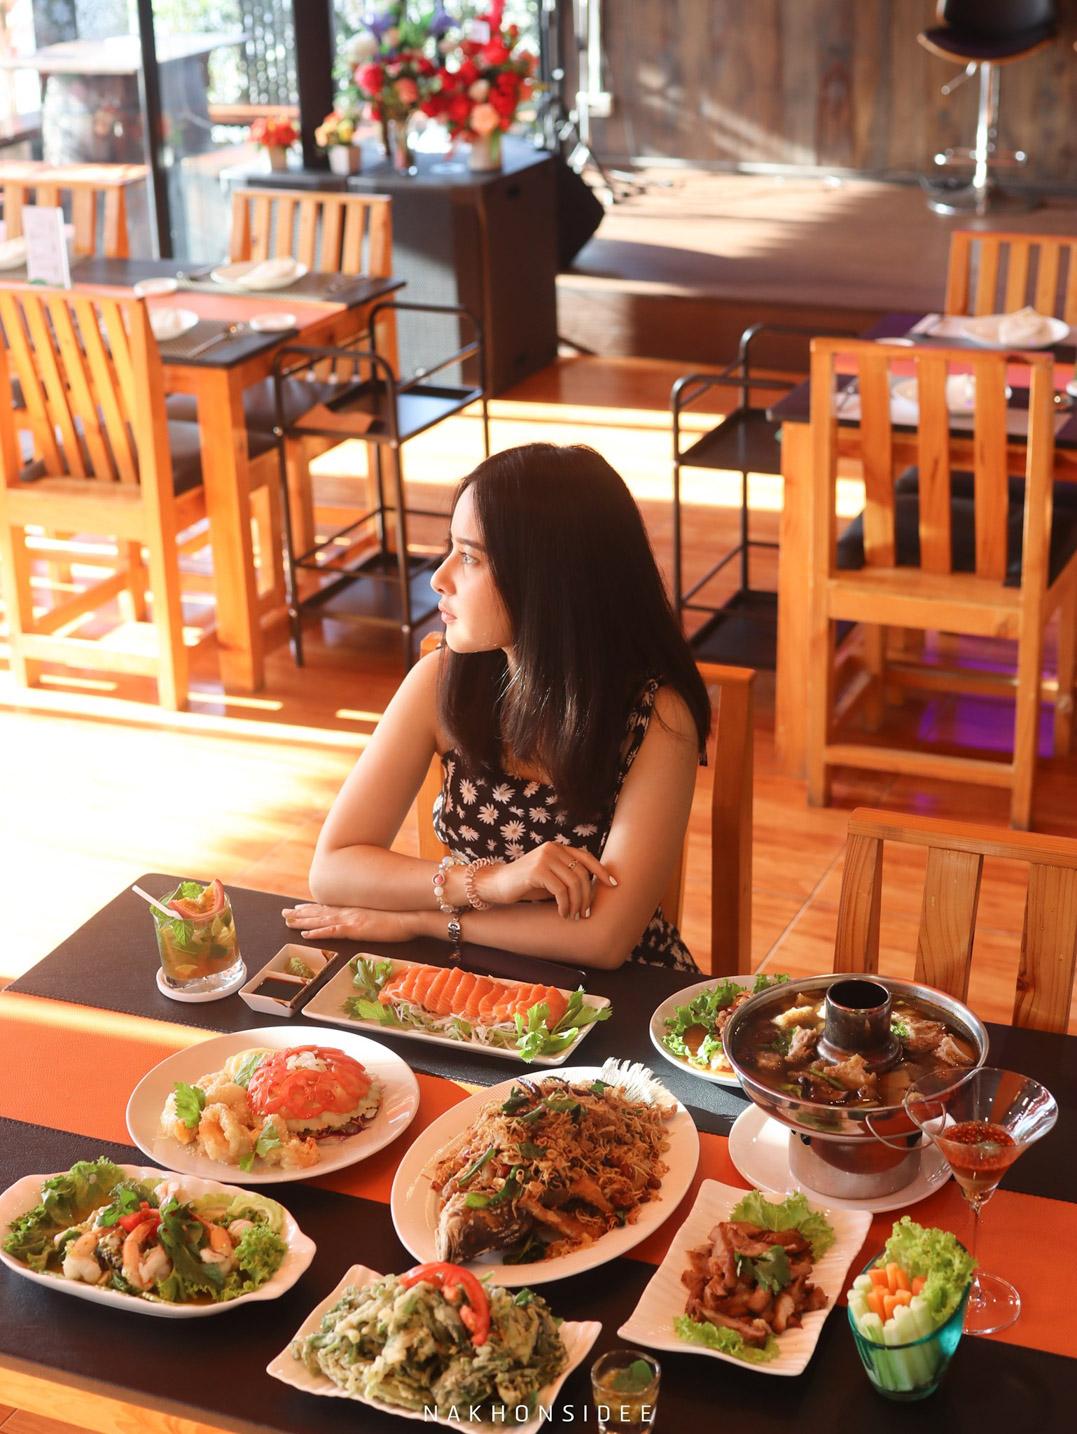 ของกิน,นครศรี,ร้านนั่งชิว,อร่อย,ร้านกลางคืน,นั่งสบาย